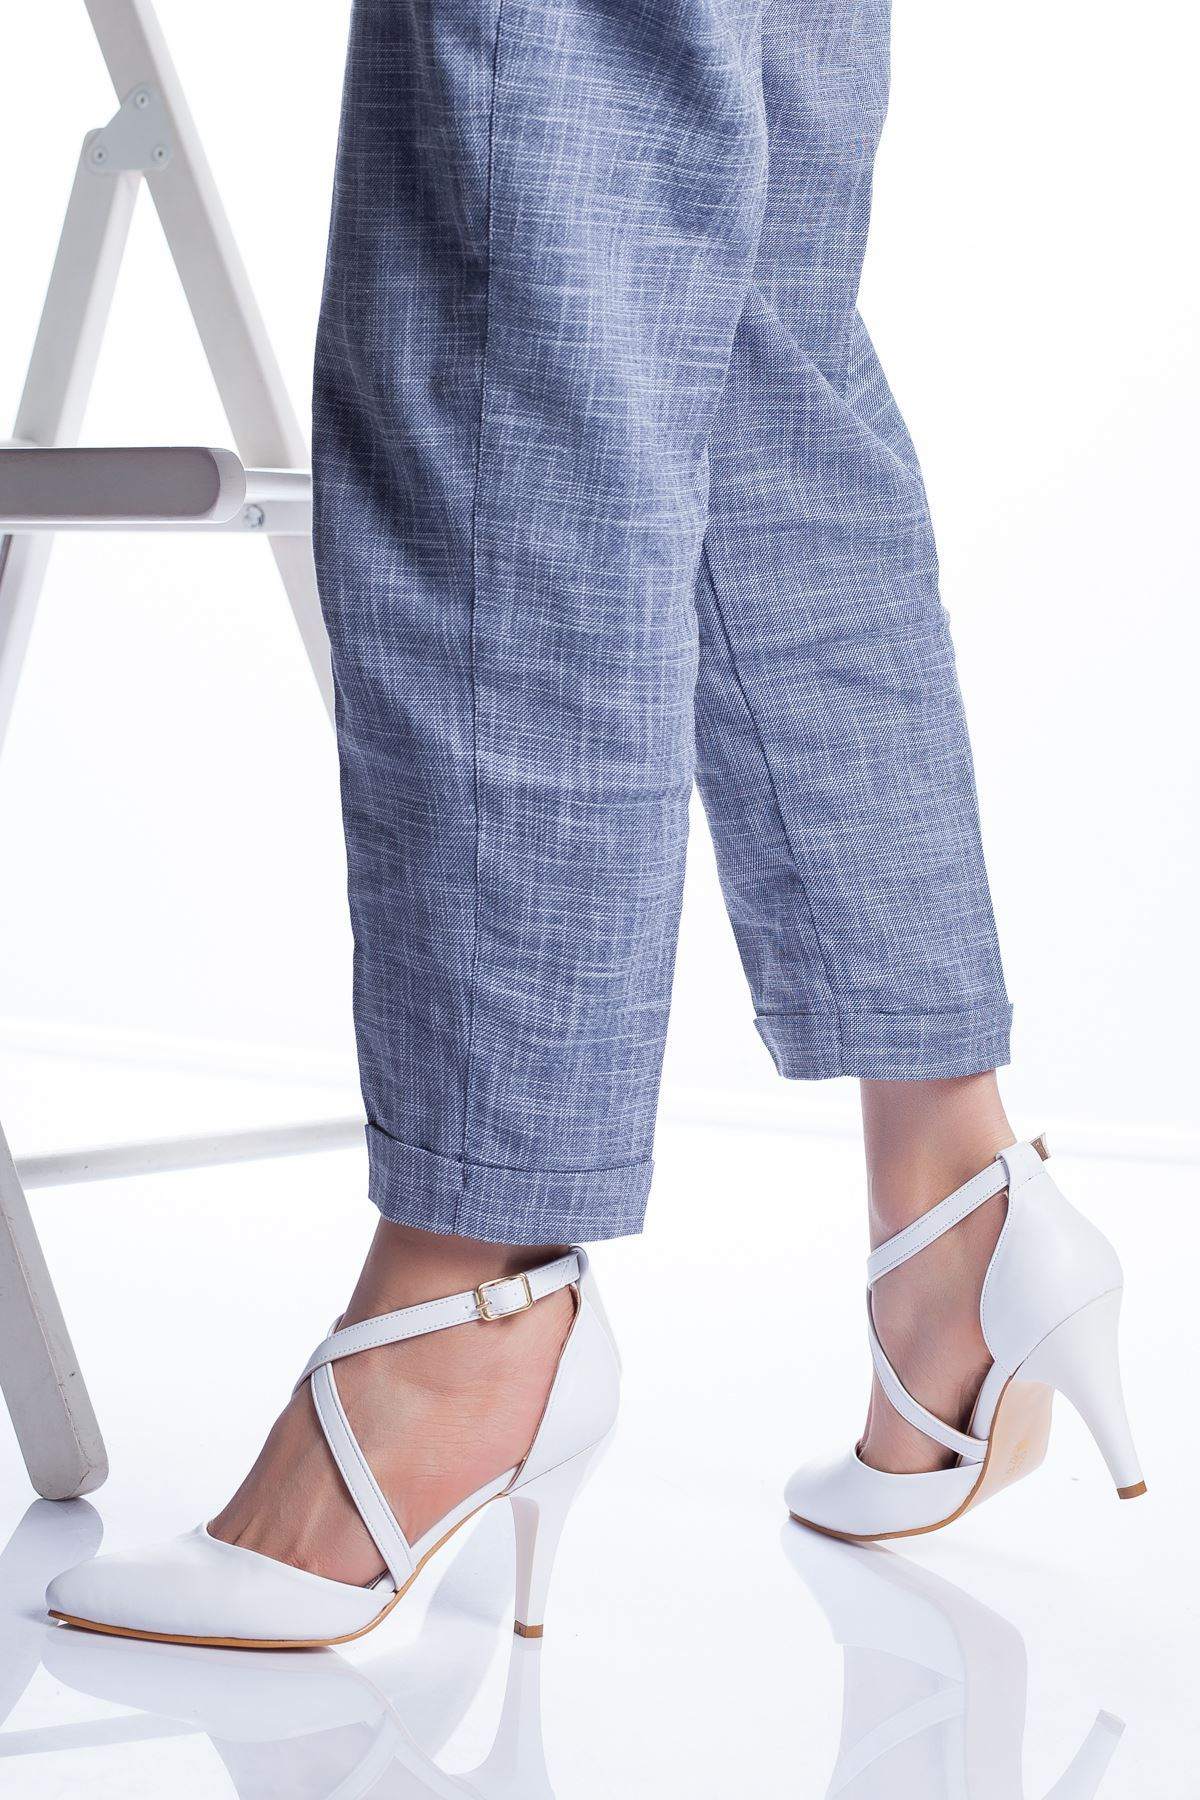 Gabel Topuklu Ayakkabı BEYAZ CİLT